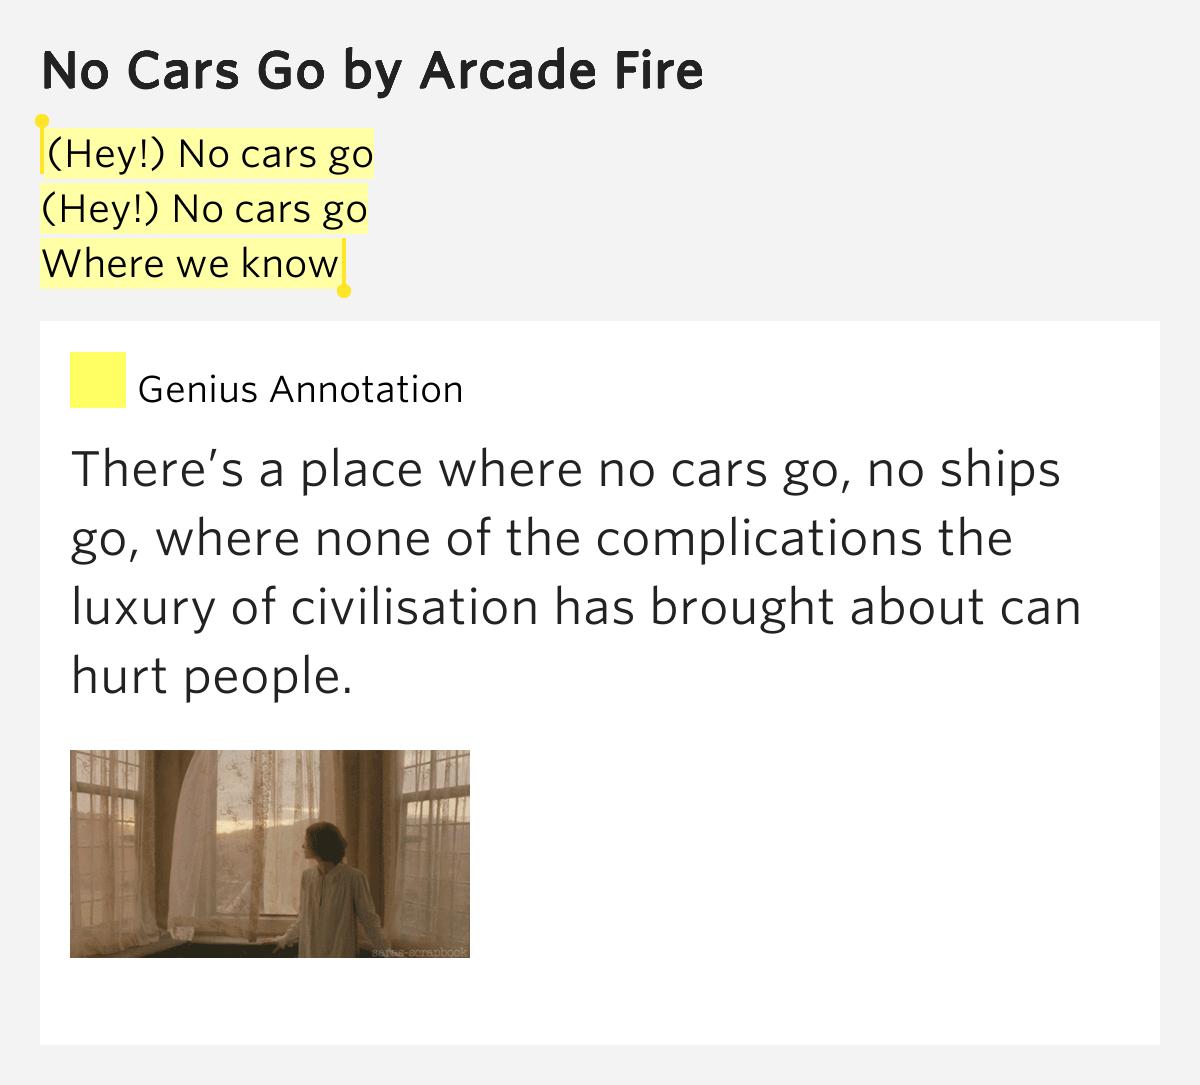 (Hey!) No Cars Go / (Hey!) No Cars Go / Where We Know